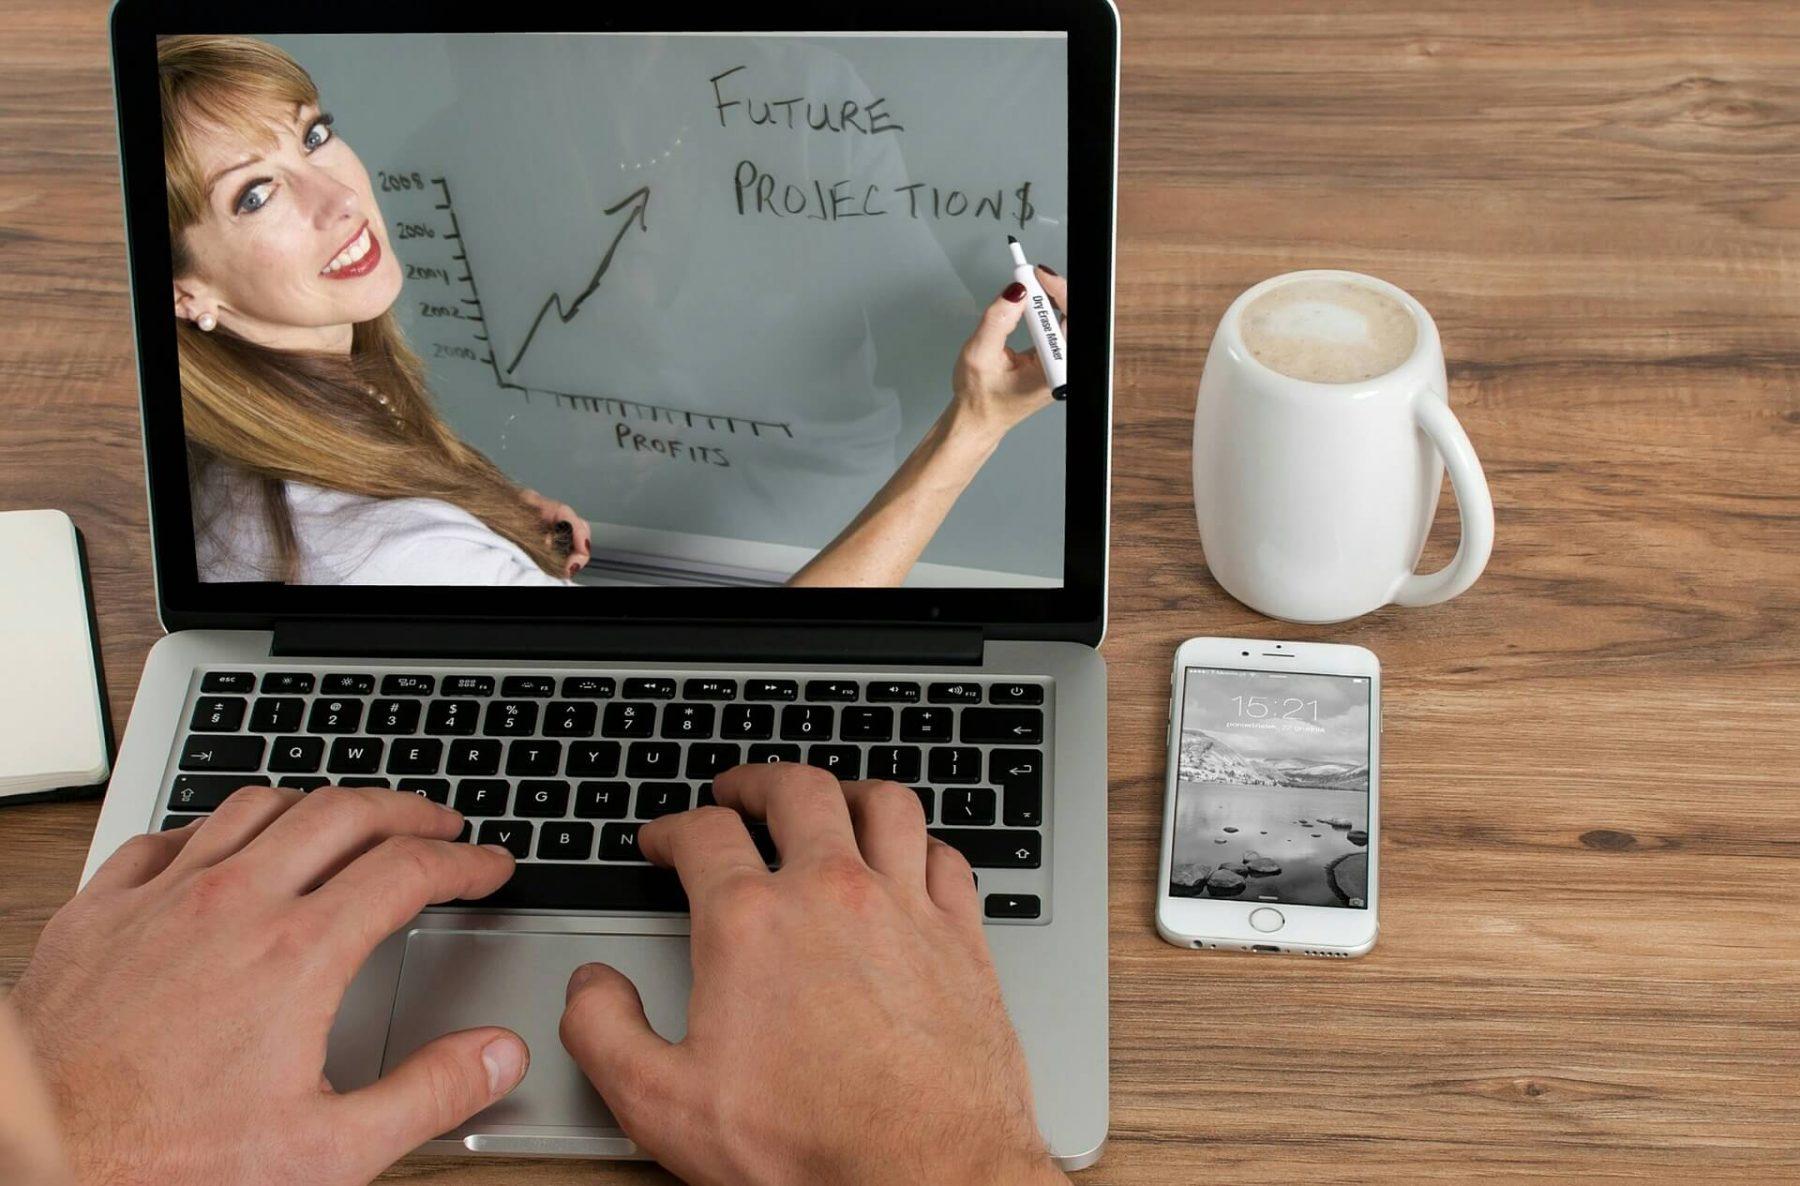 khoa hoc online e1574068518349 - Tổng hợp những ý tưởng kinh doanh nhỏ mới nhất 2020